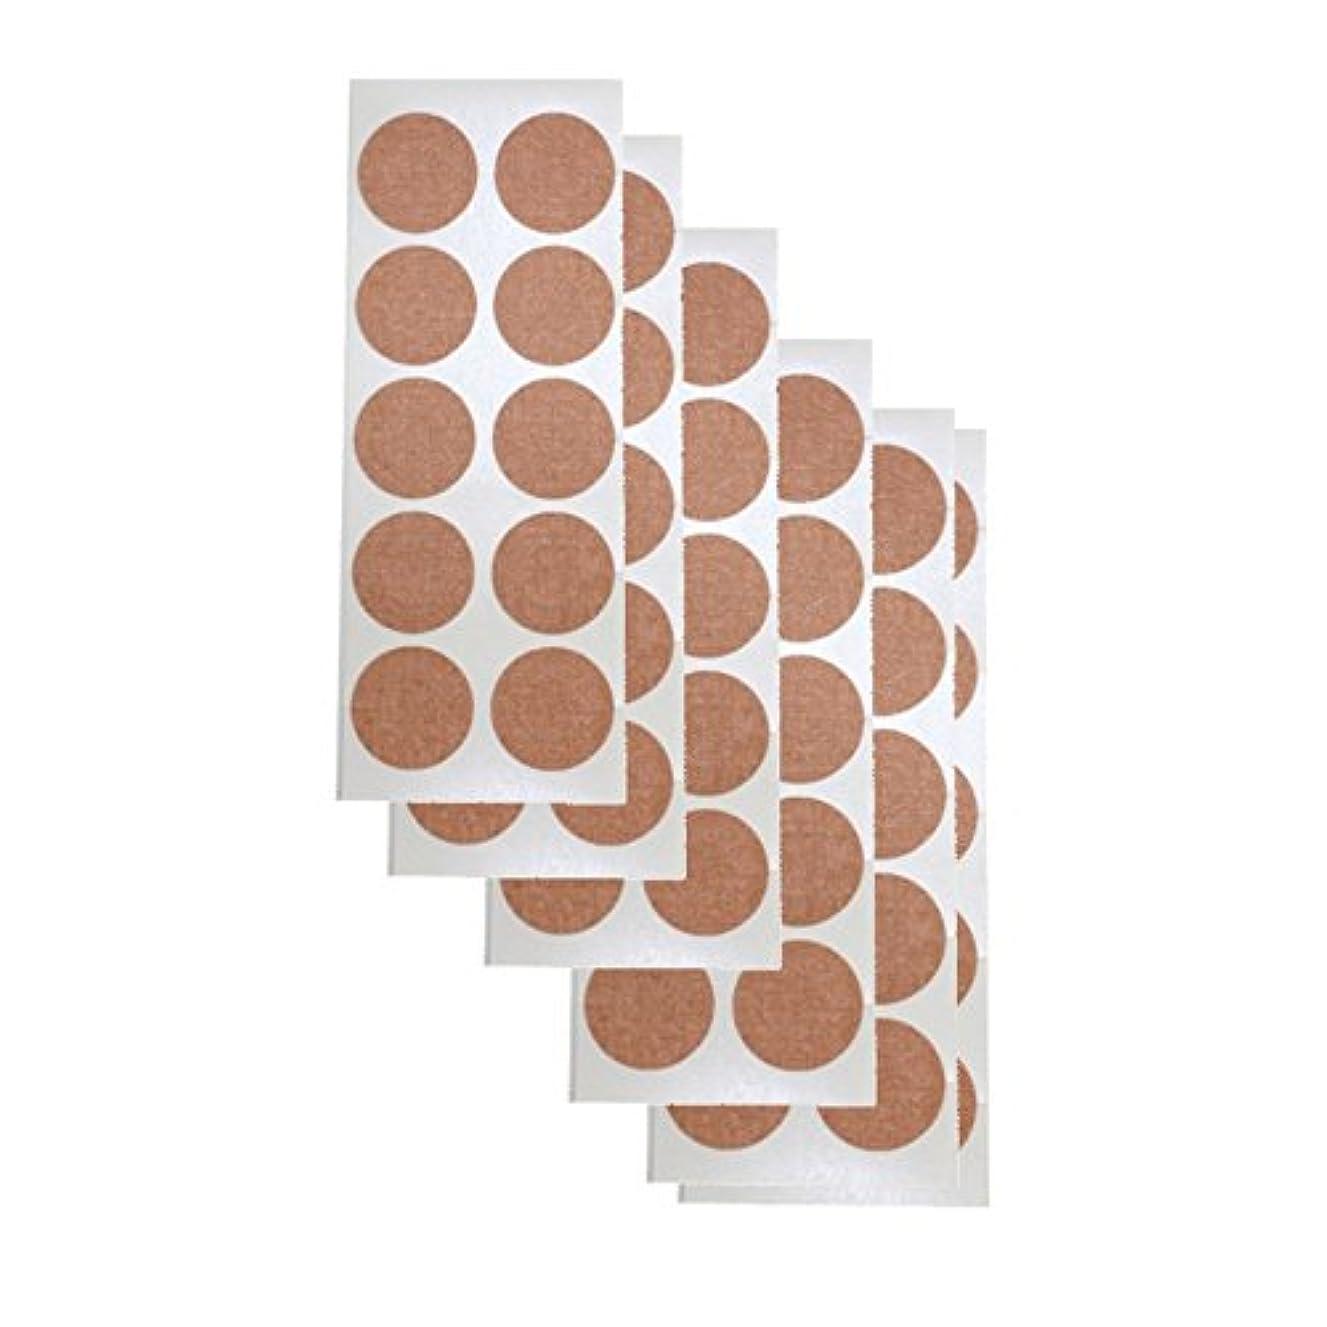 定期的な光の欠陥TQチップ 貼り替え用専用シール 効果は半永久的!貼っただけで心身のバランスがとれるTQチップ専用